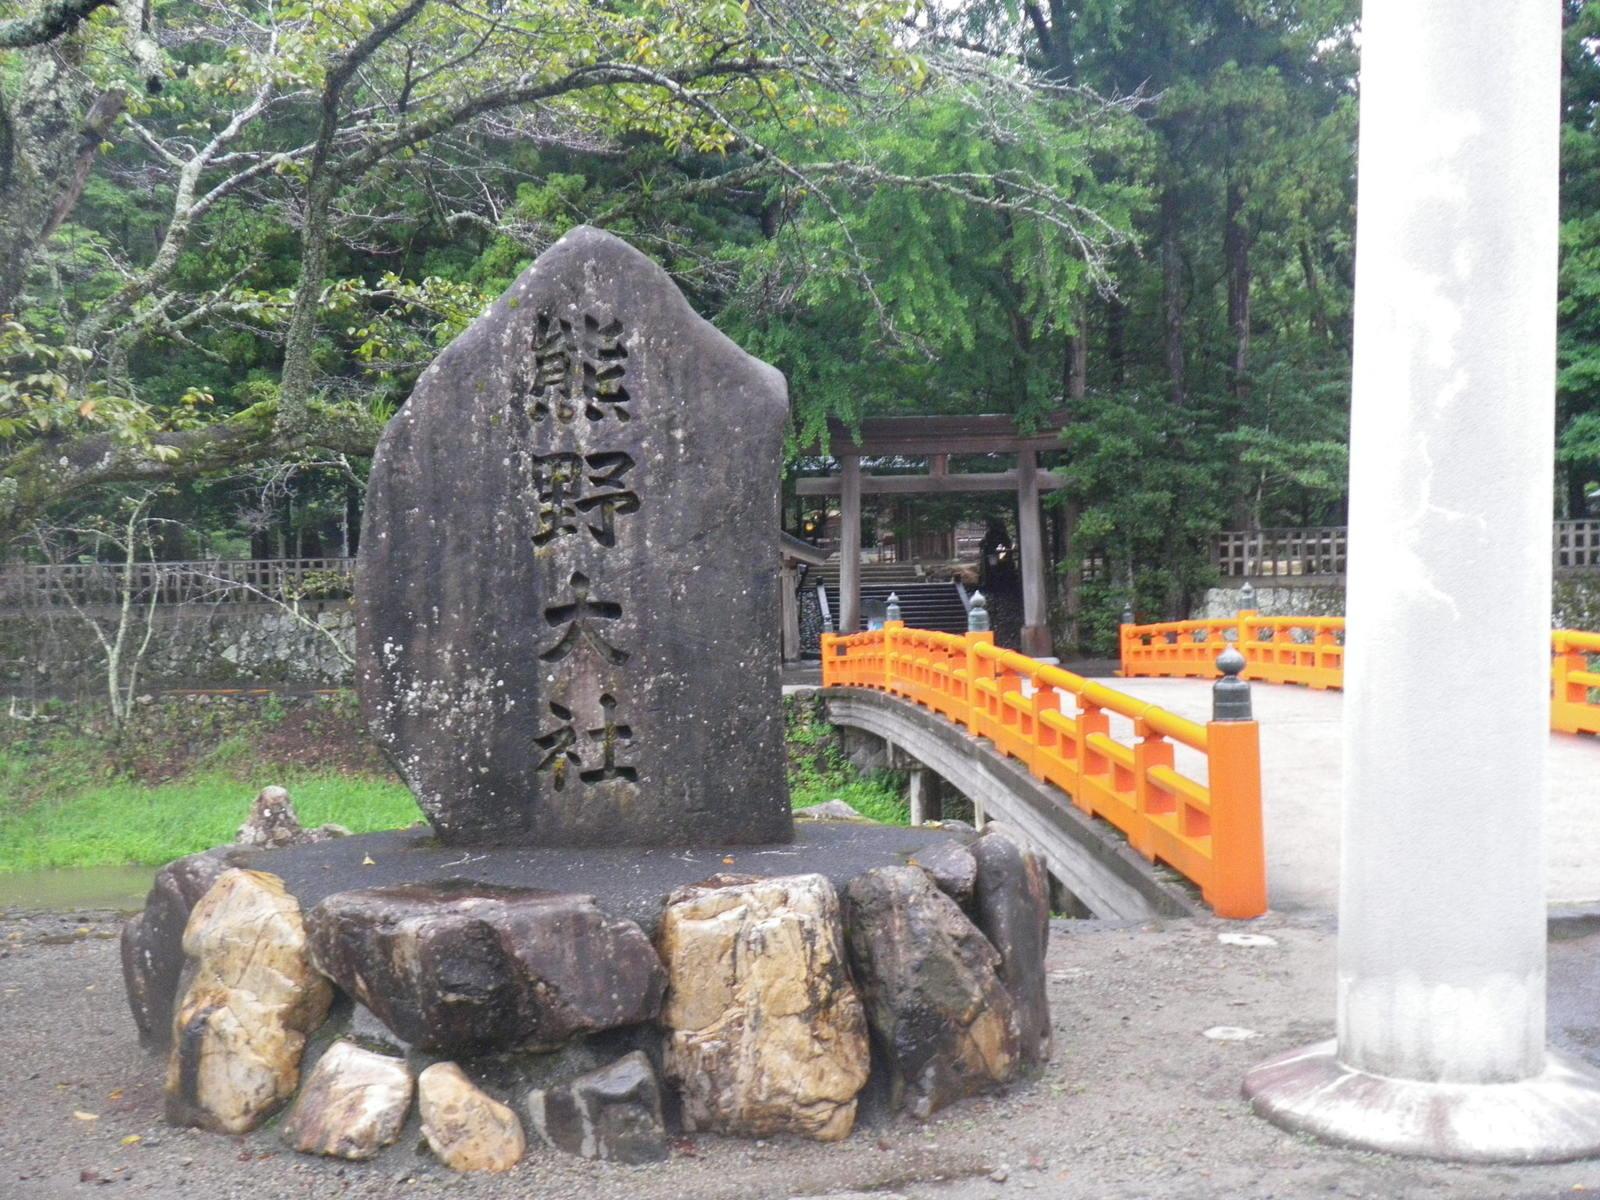 パワースポット巡り(6) 熊野大社: ゆっくり憩う(行こう^^)